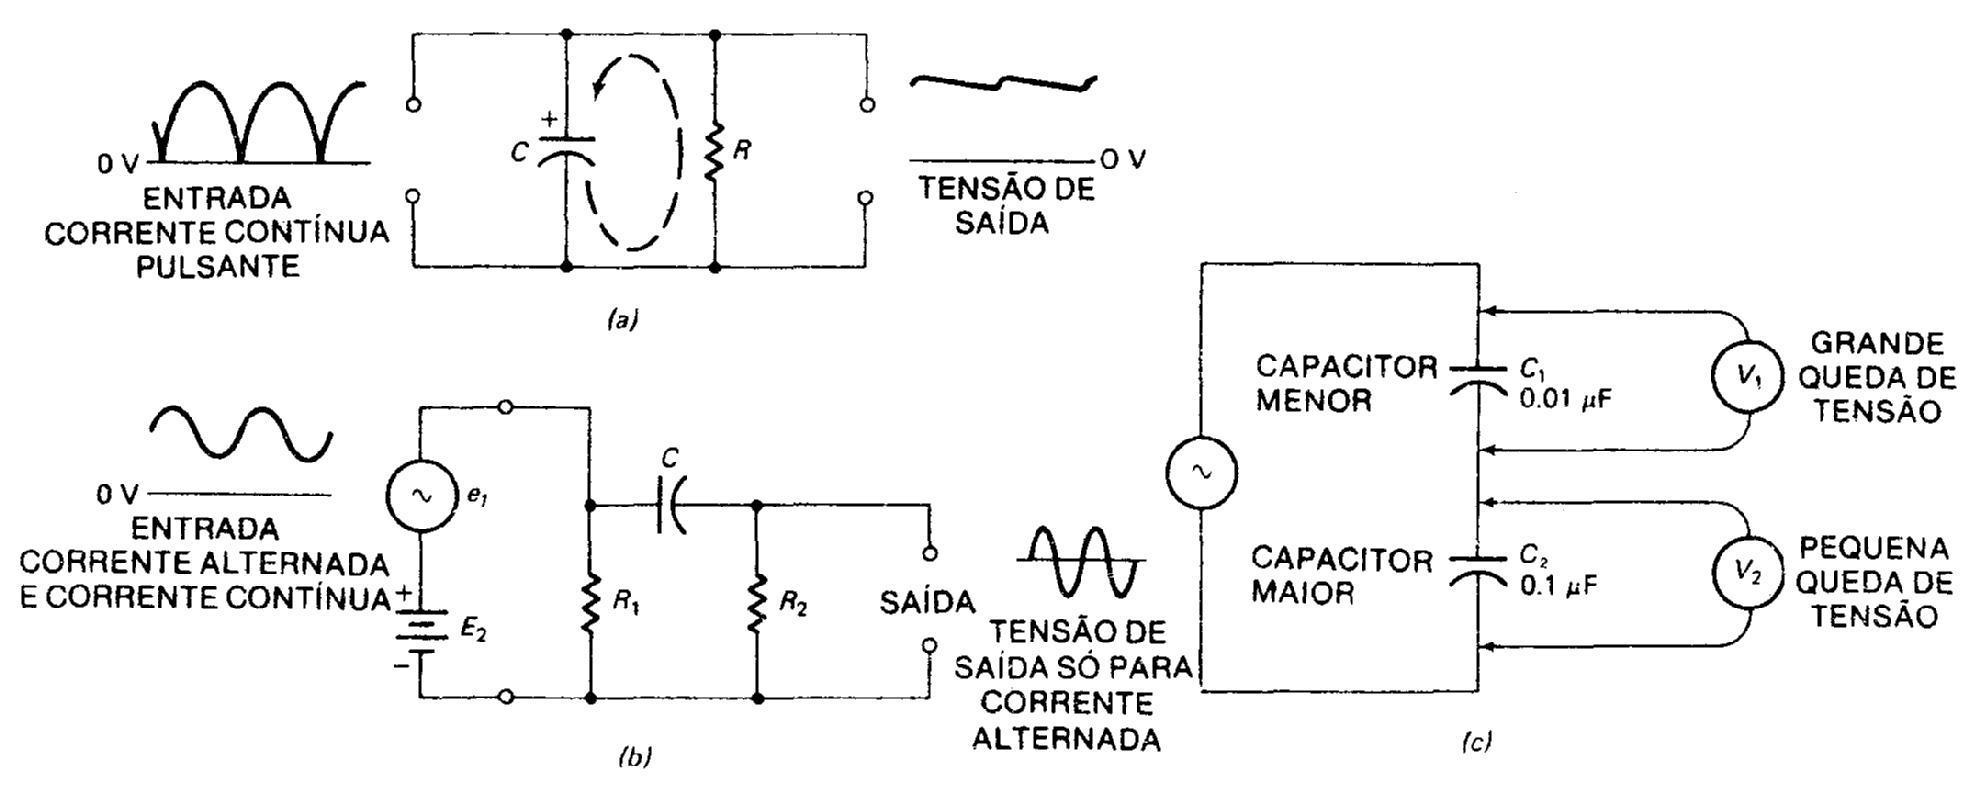 ... pode ser usado para deixar passar freqüências elevadas e rejeitar  baixas freqüências. Nesta aplicação, a baixa freqüência é uma tensão  contínua, ... b76e0dd448